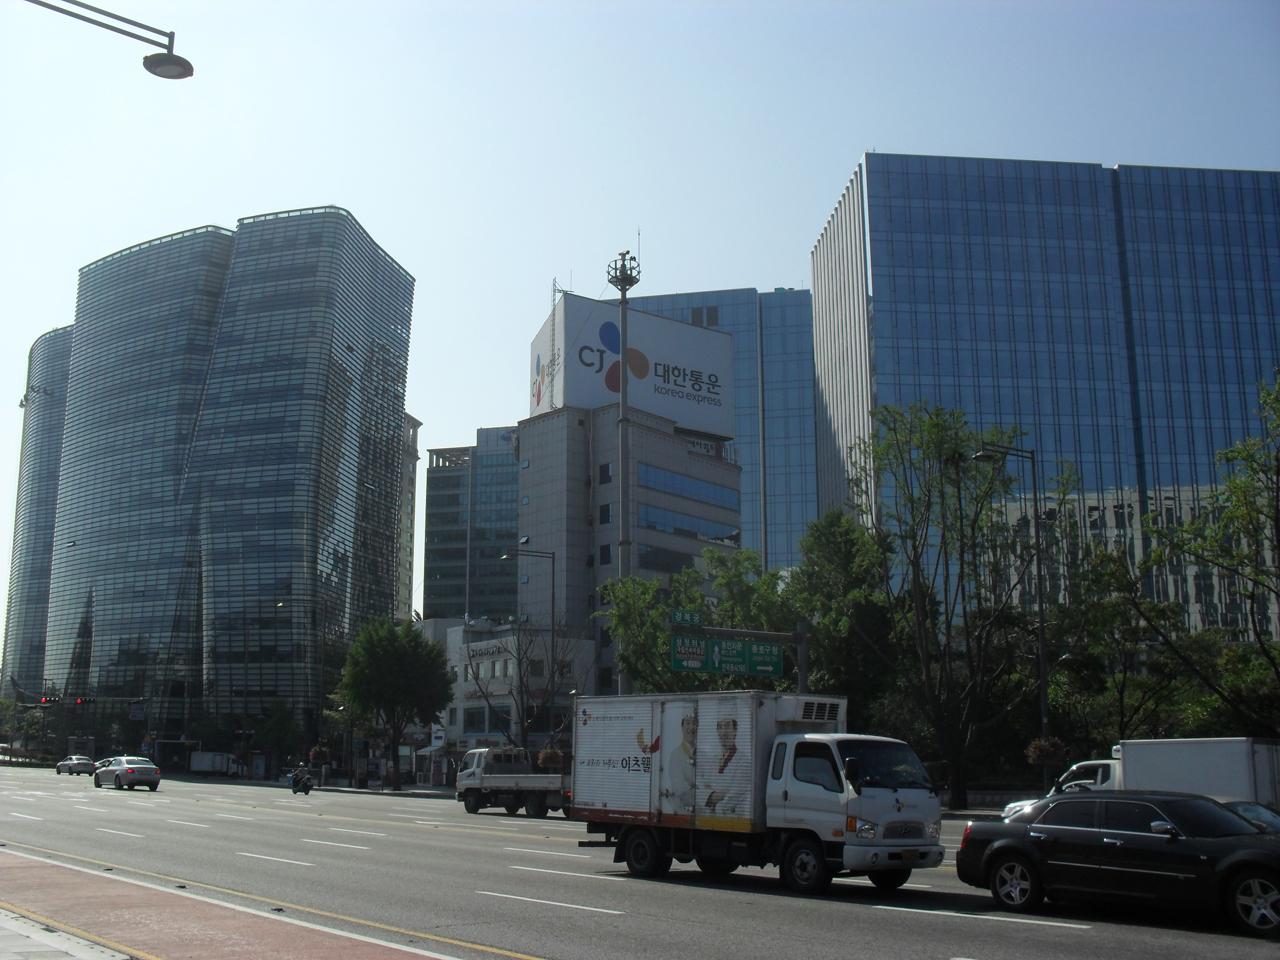 광화문 시민열린마당 옆의 옛 한국일보 자리. 지금은 다른 건물이 들어서 있다.